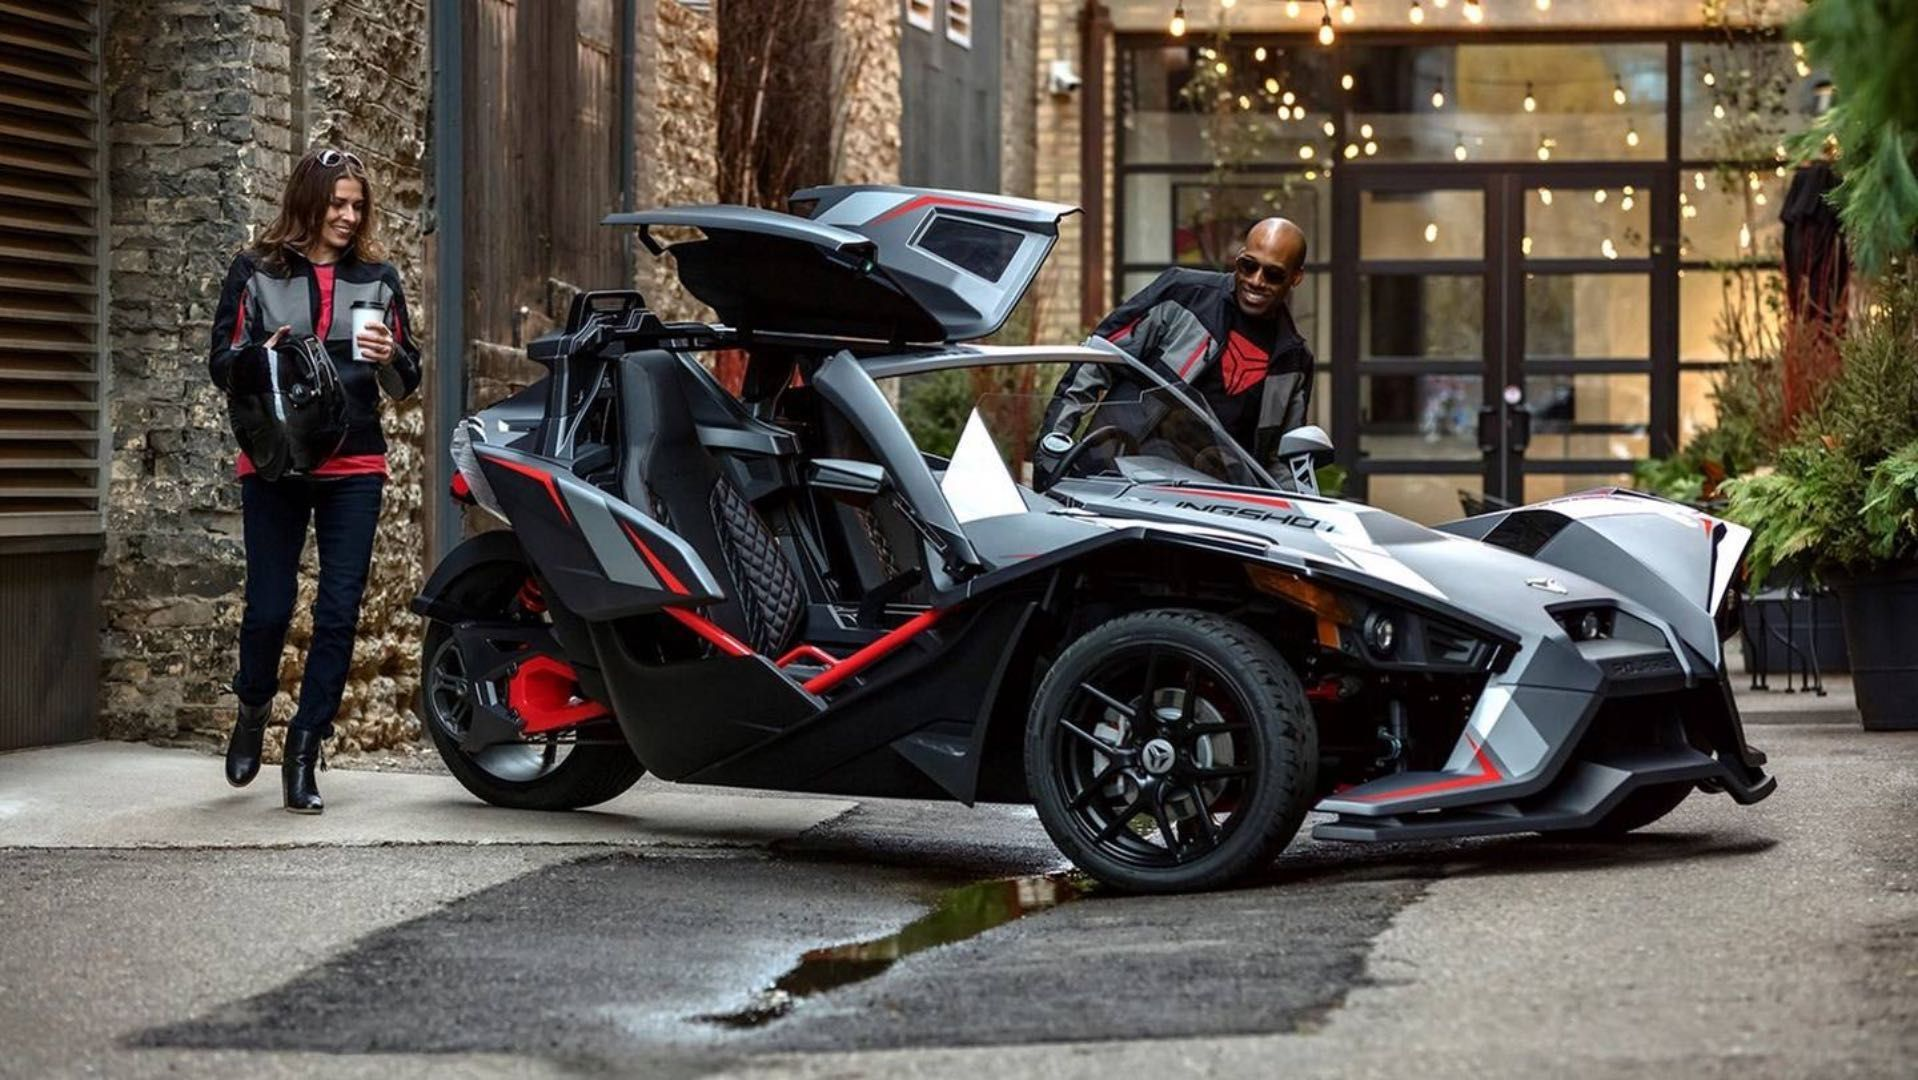 2019 Polaris Slingshot First Drive Polaris Slingshot Car Wheels Slingshot Car